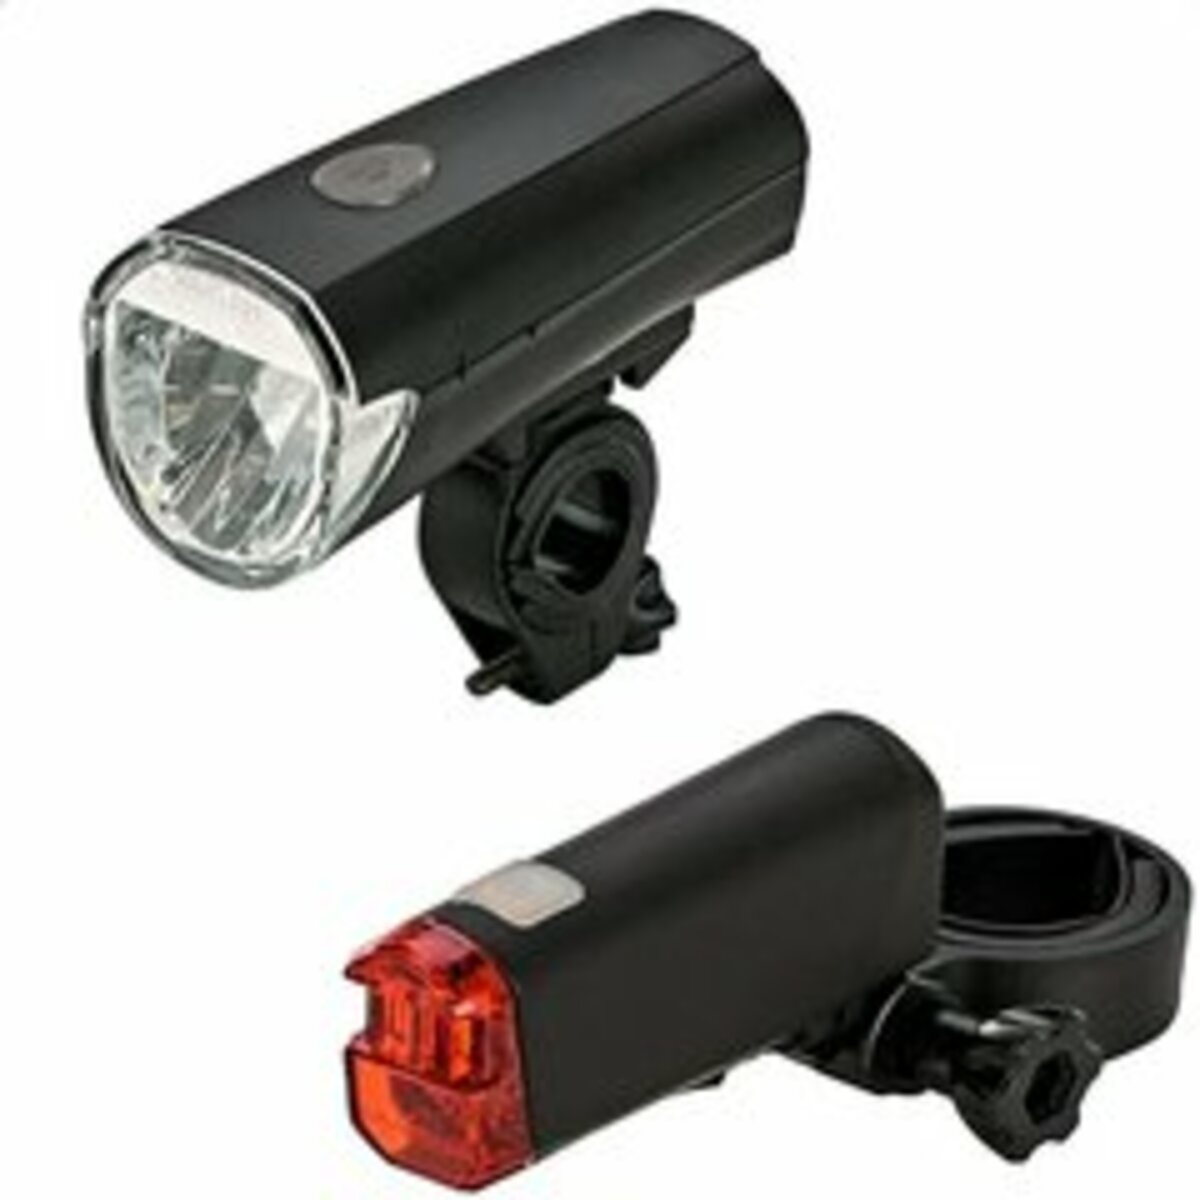 Bild 2 von Prophete - LED-Leuchtenset 30 Lux